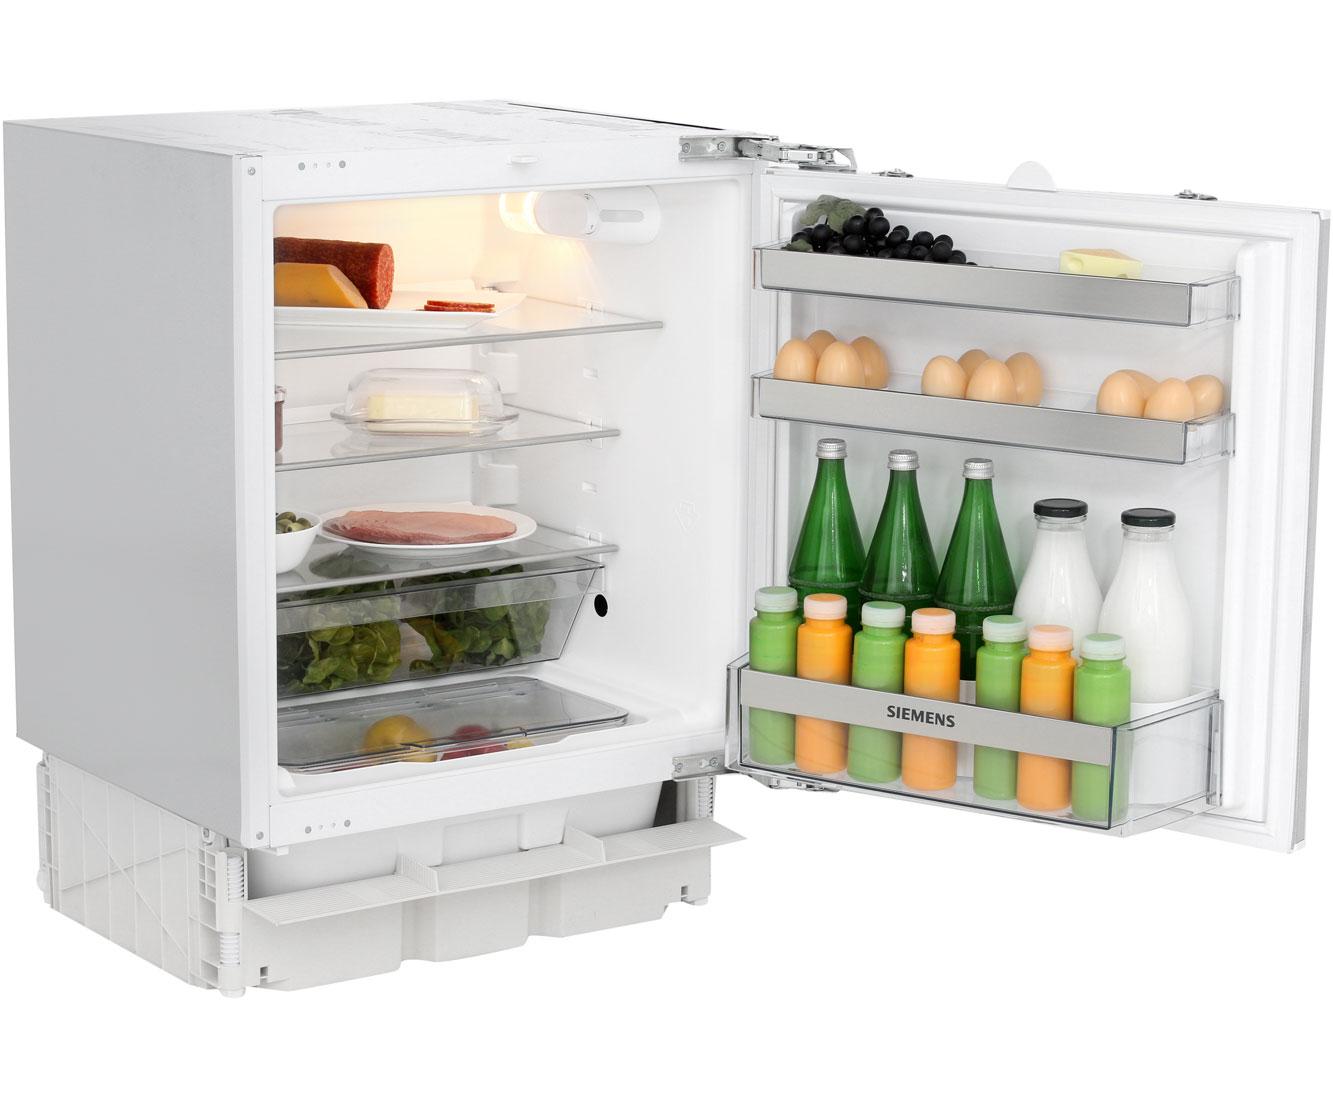 Siemens Kühlschrank Groß : Siemens iq500 ku15ra60 unterbau kühlschrank 82er nische festtür